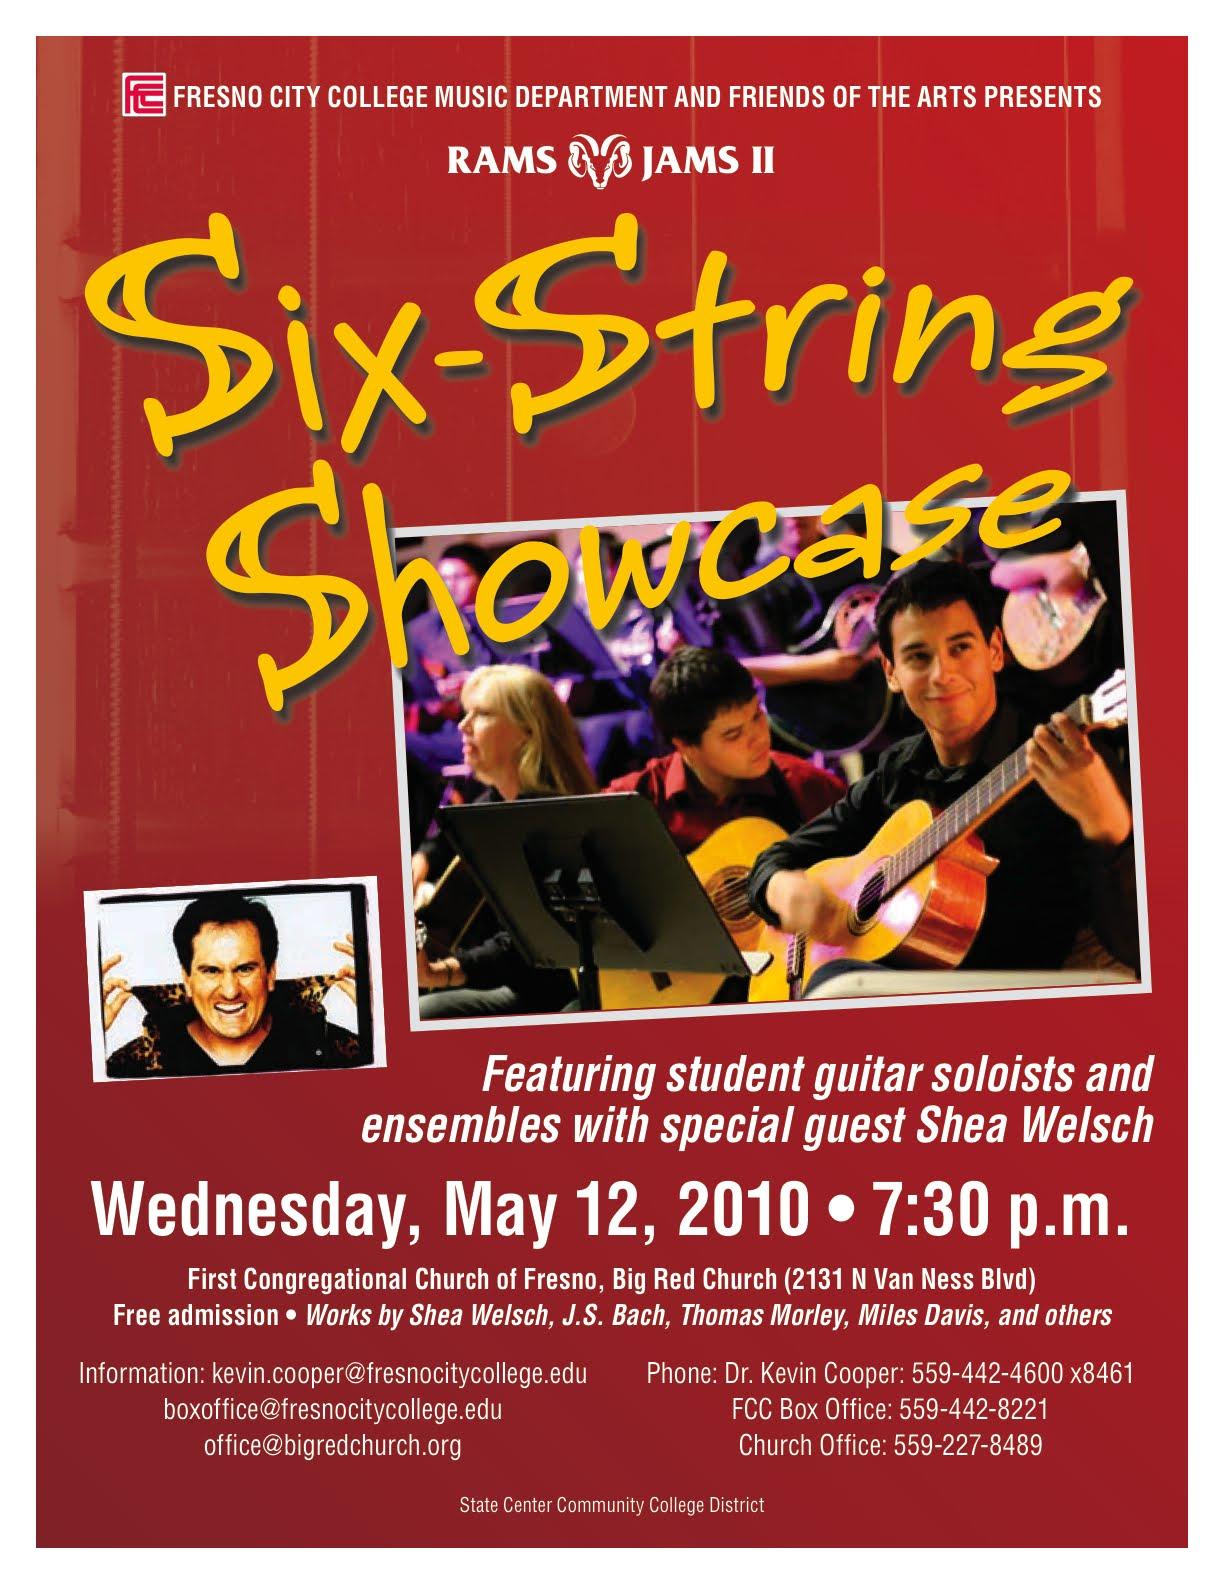 http://4.bp.blogspot.com/_z833MDUoEa4/S-iQIArdAdI/AAAAAAAAAAM/2GrGtje_Jqw/s1600/09-193+Six-String+Showcase+Flyer.jpg